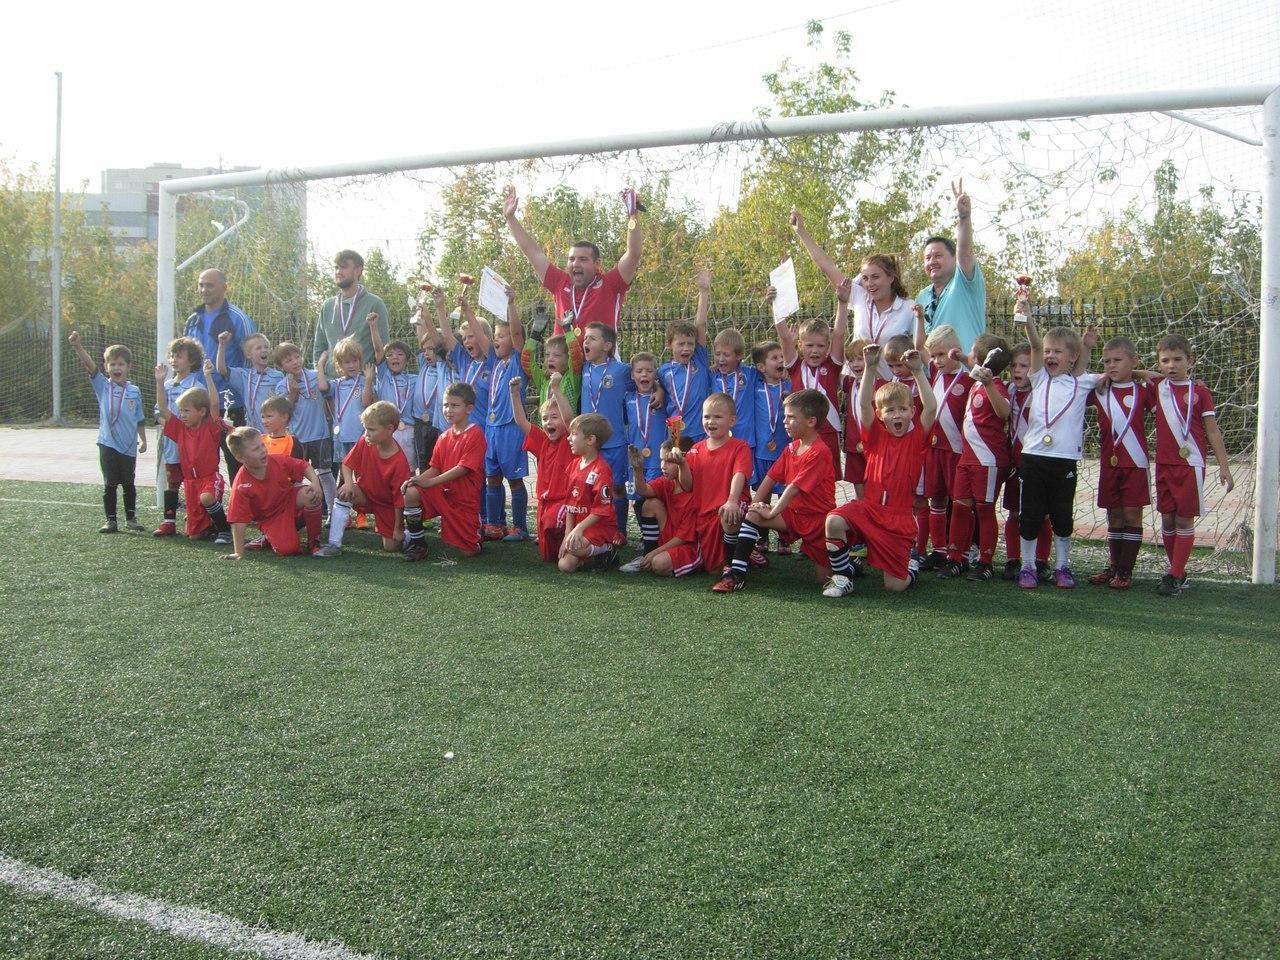 Приглашаем принять участие в турнире по футболу «Весенний Кубок Подольска-2018» среди детских команд 2006 г.р.